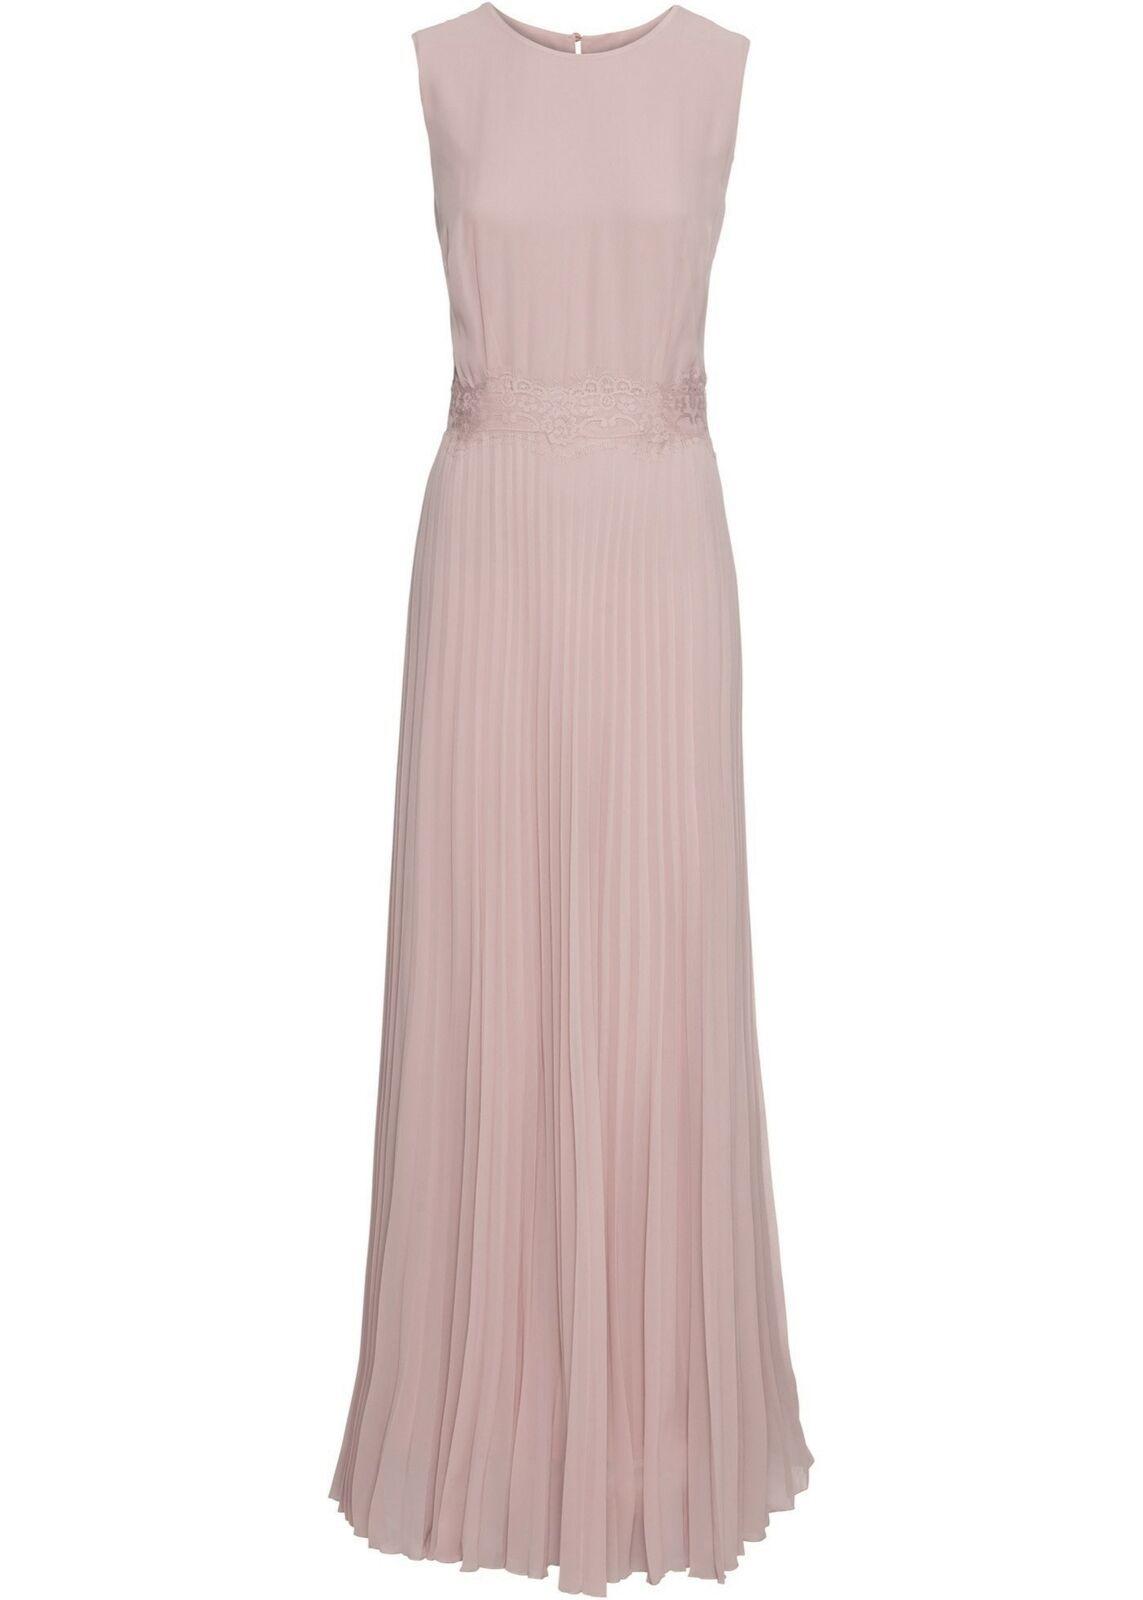 Kleid Gr. 13 Flieder Damen-Maxi-Abend-Ballkleid-Partykleid